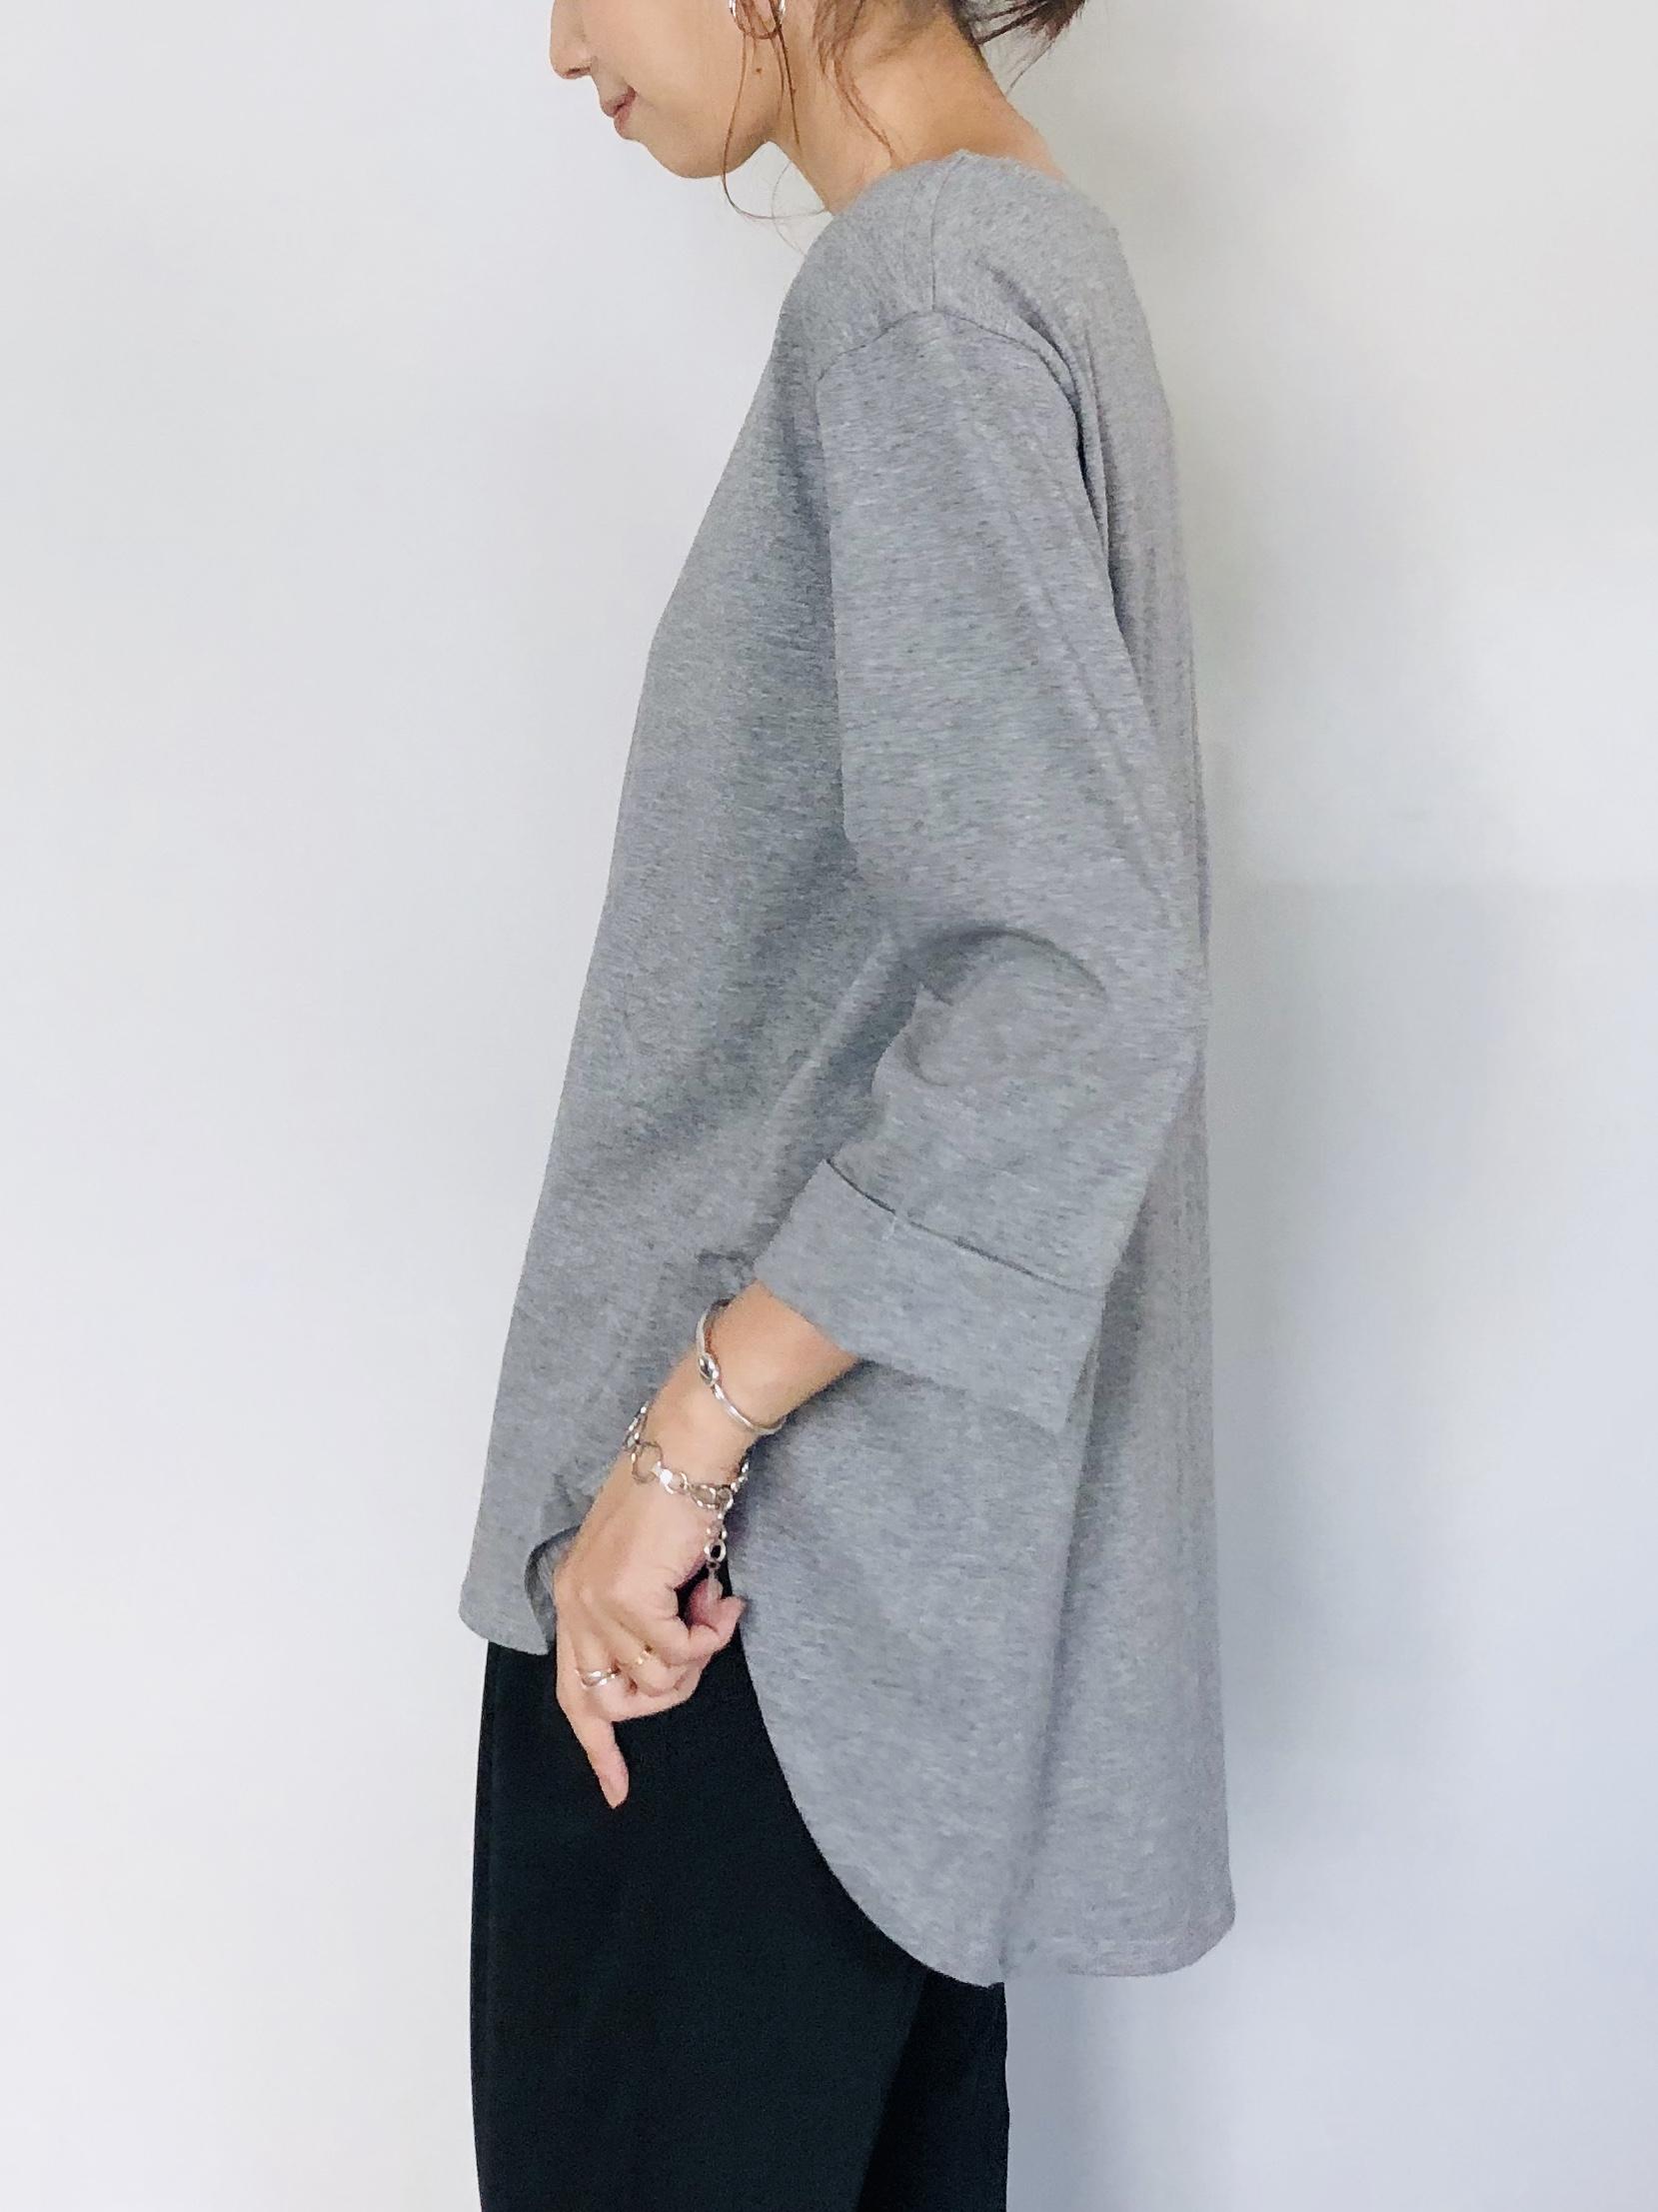 SELECT(セレクト)  裾ラウンド前後差カットロングTシャツ